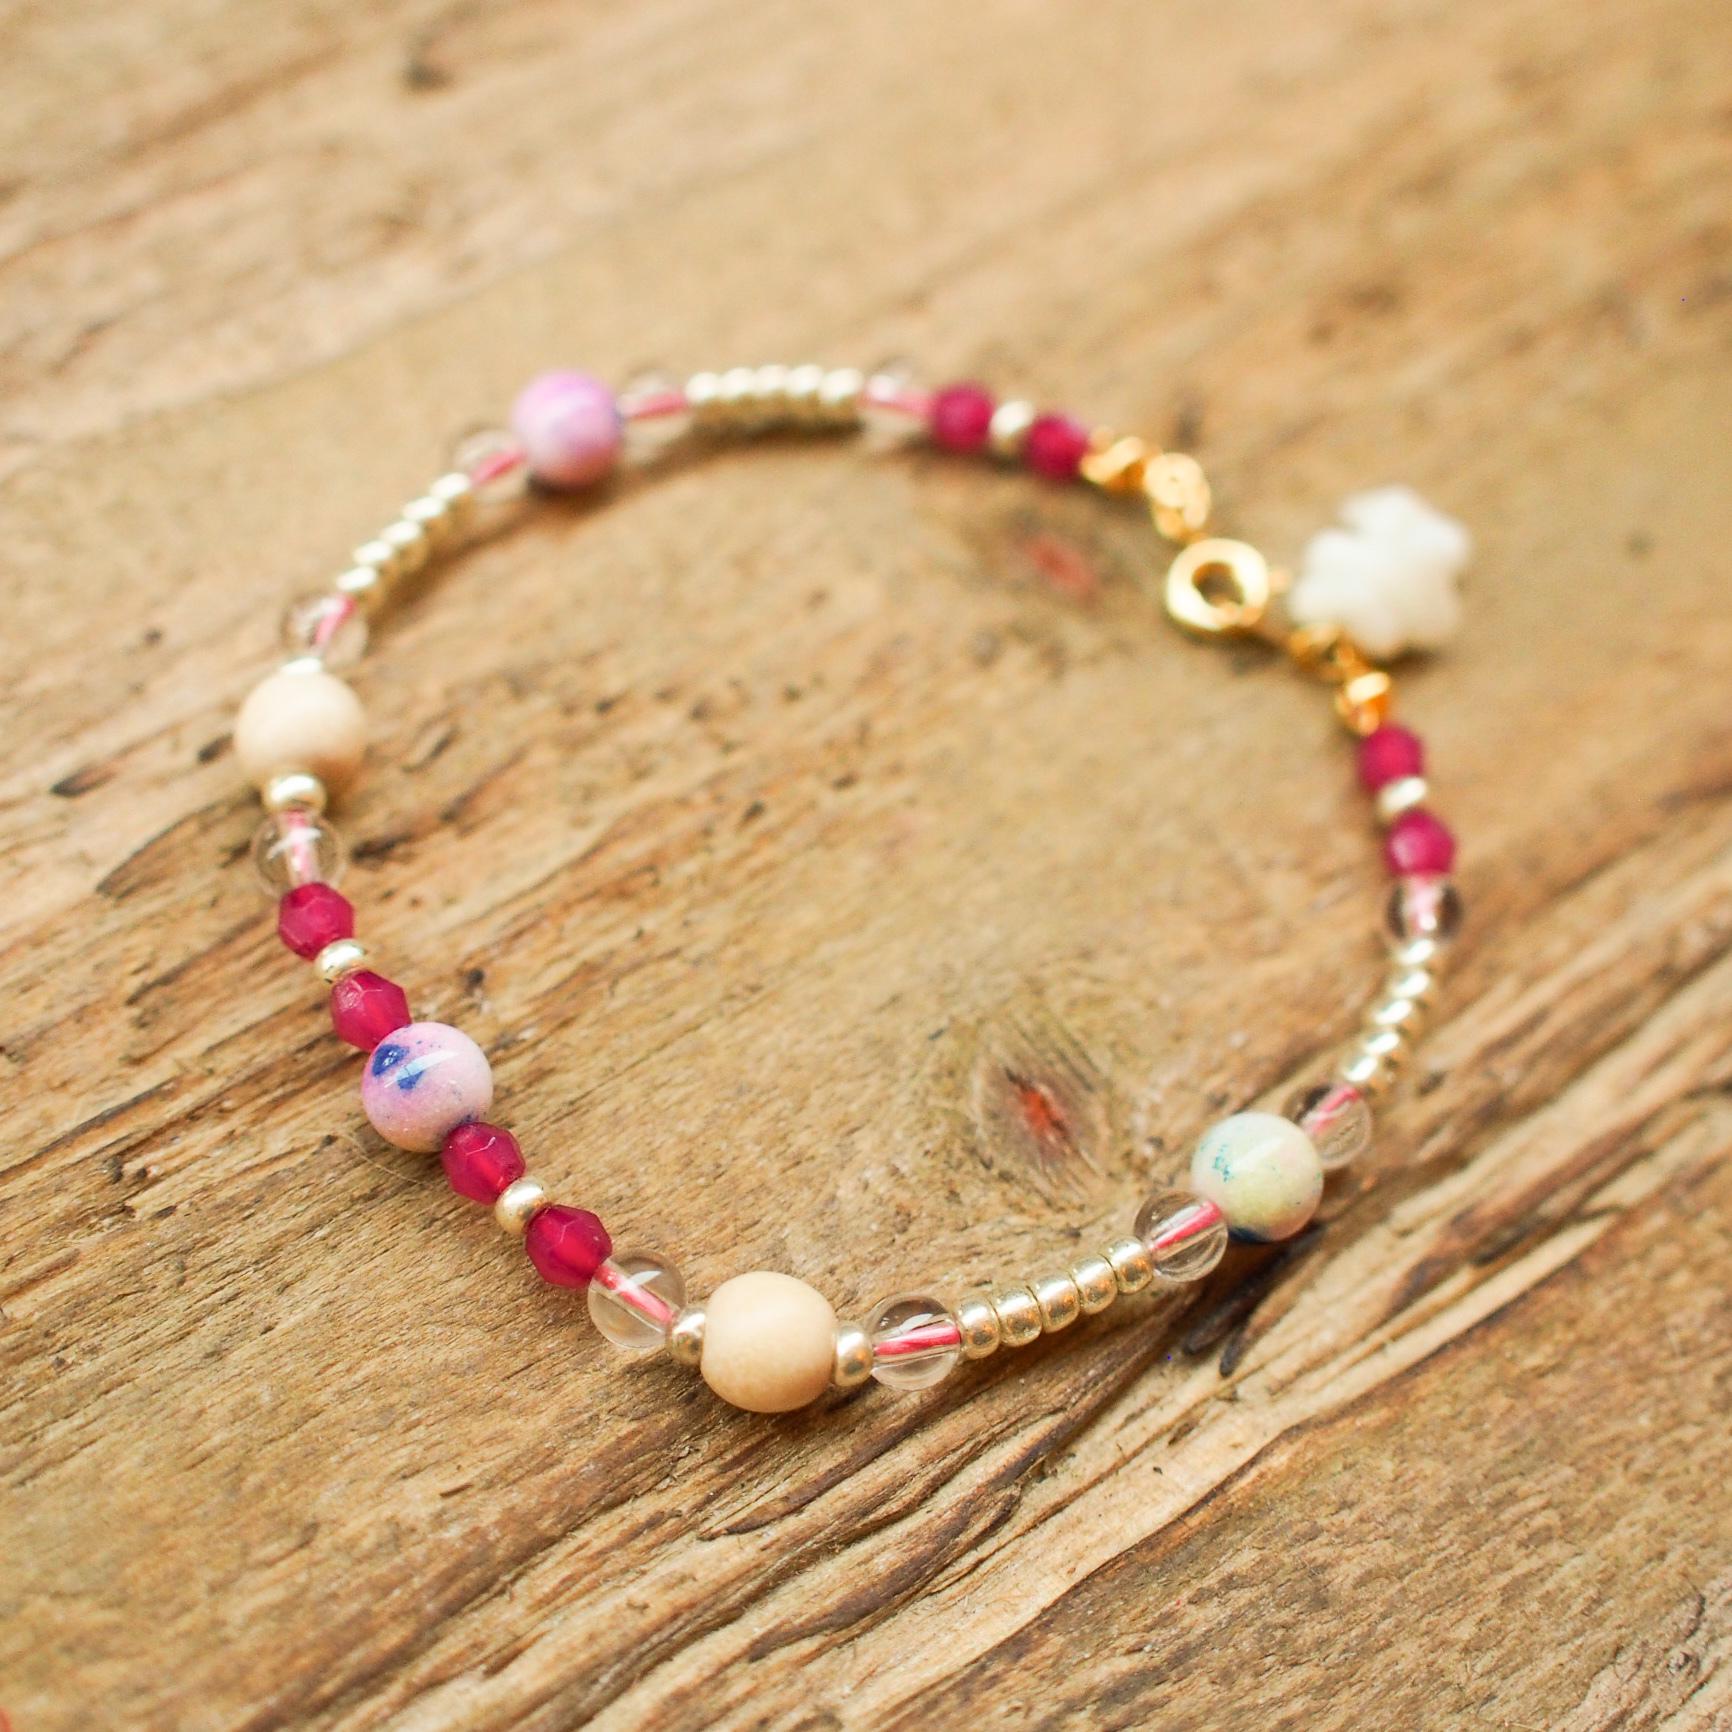 【Crystal】×【Coral】Bracelet